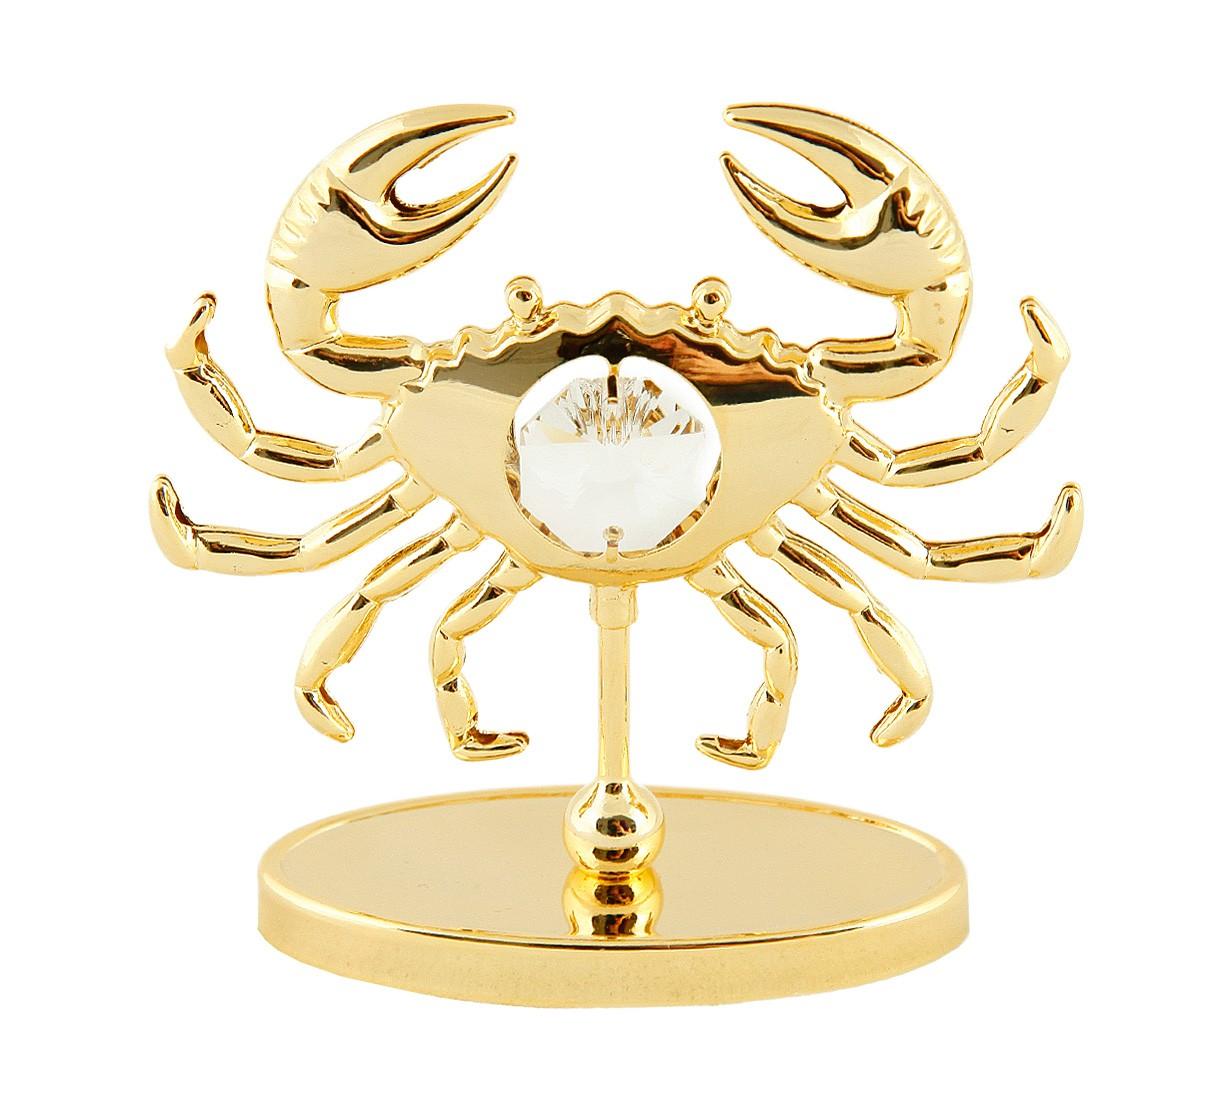 Rac pe stativ cu Cristale Swarovski - placat cu Aur 24K